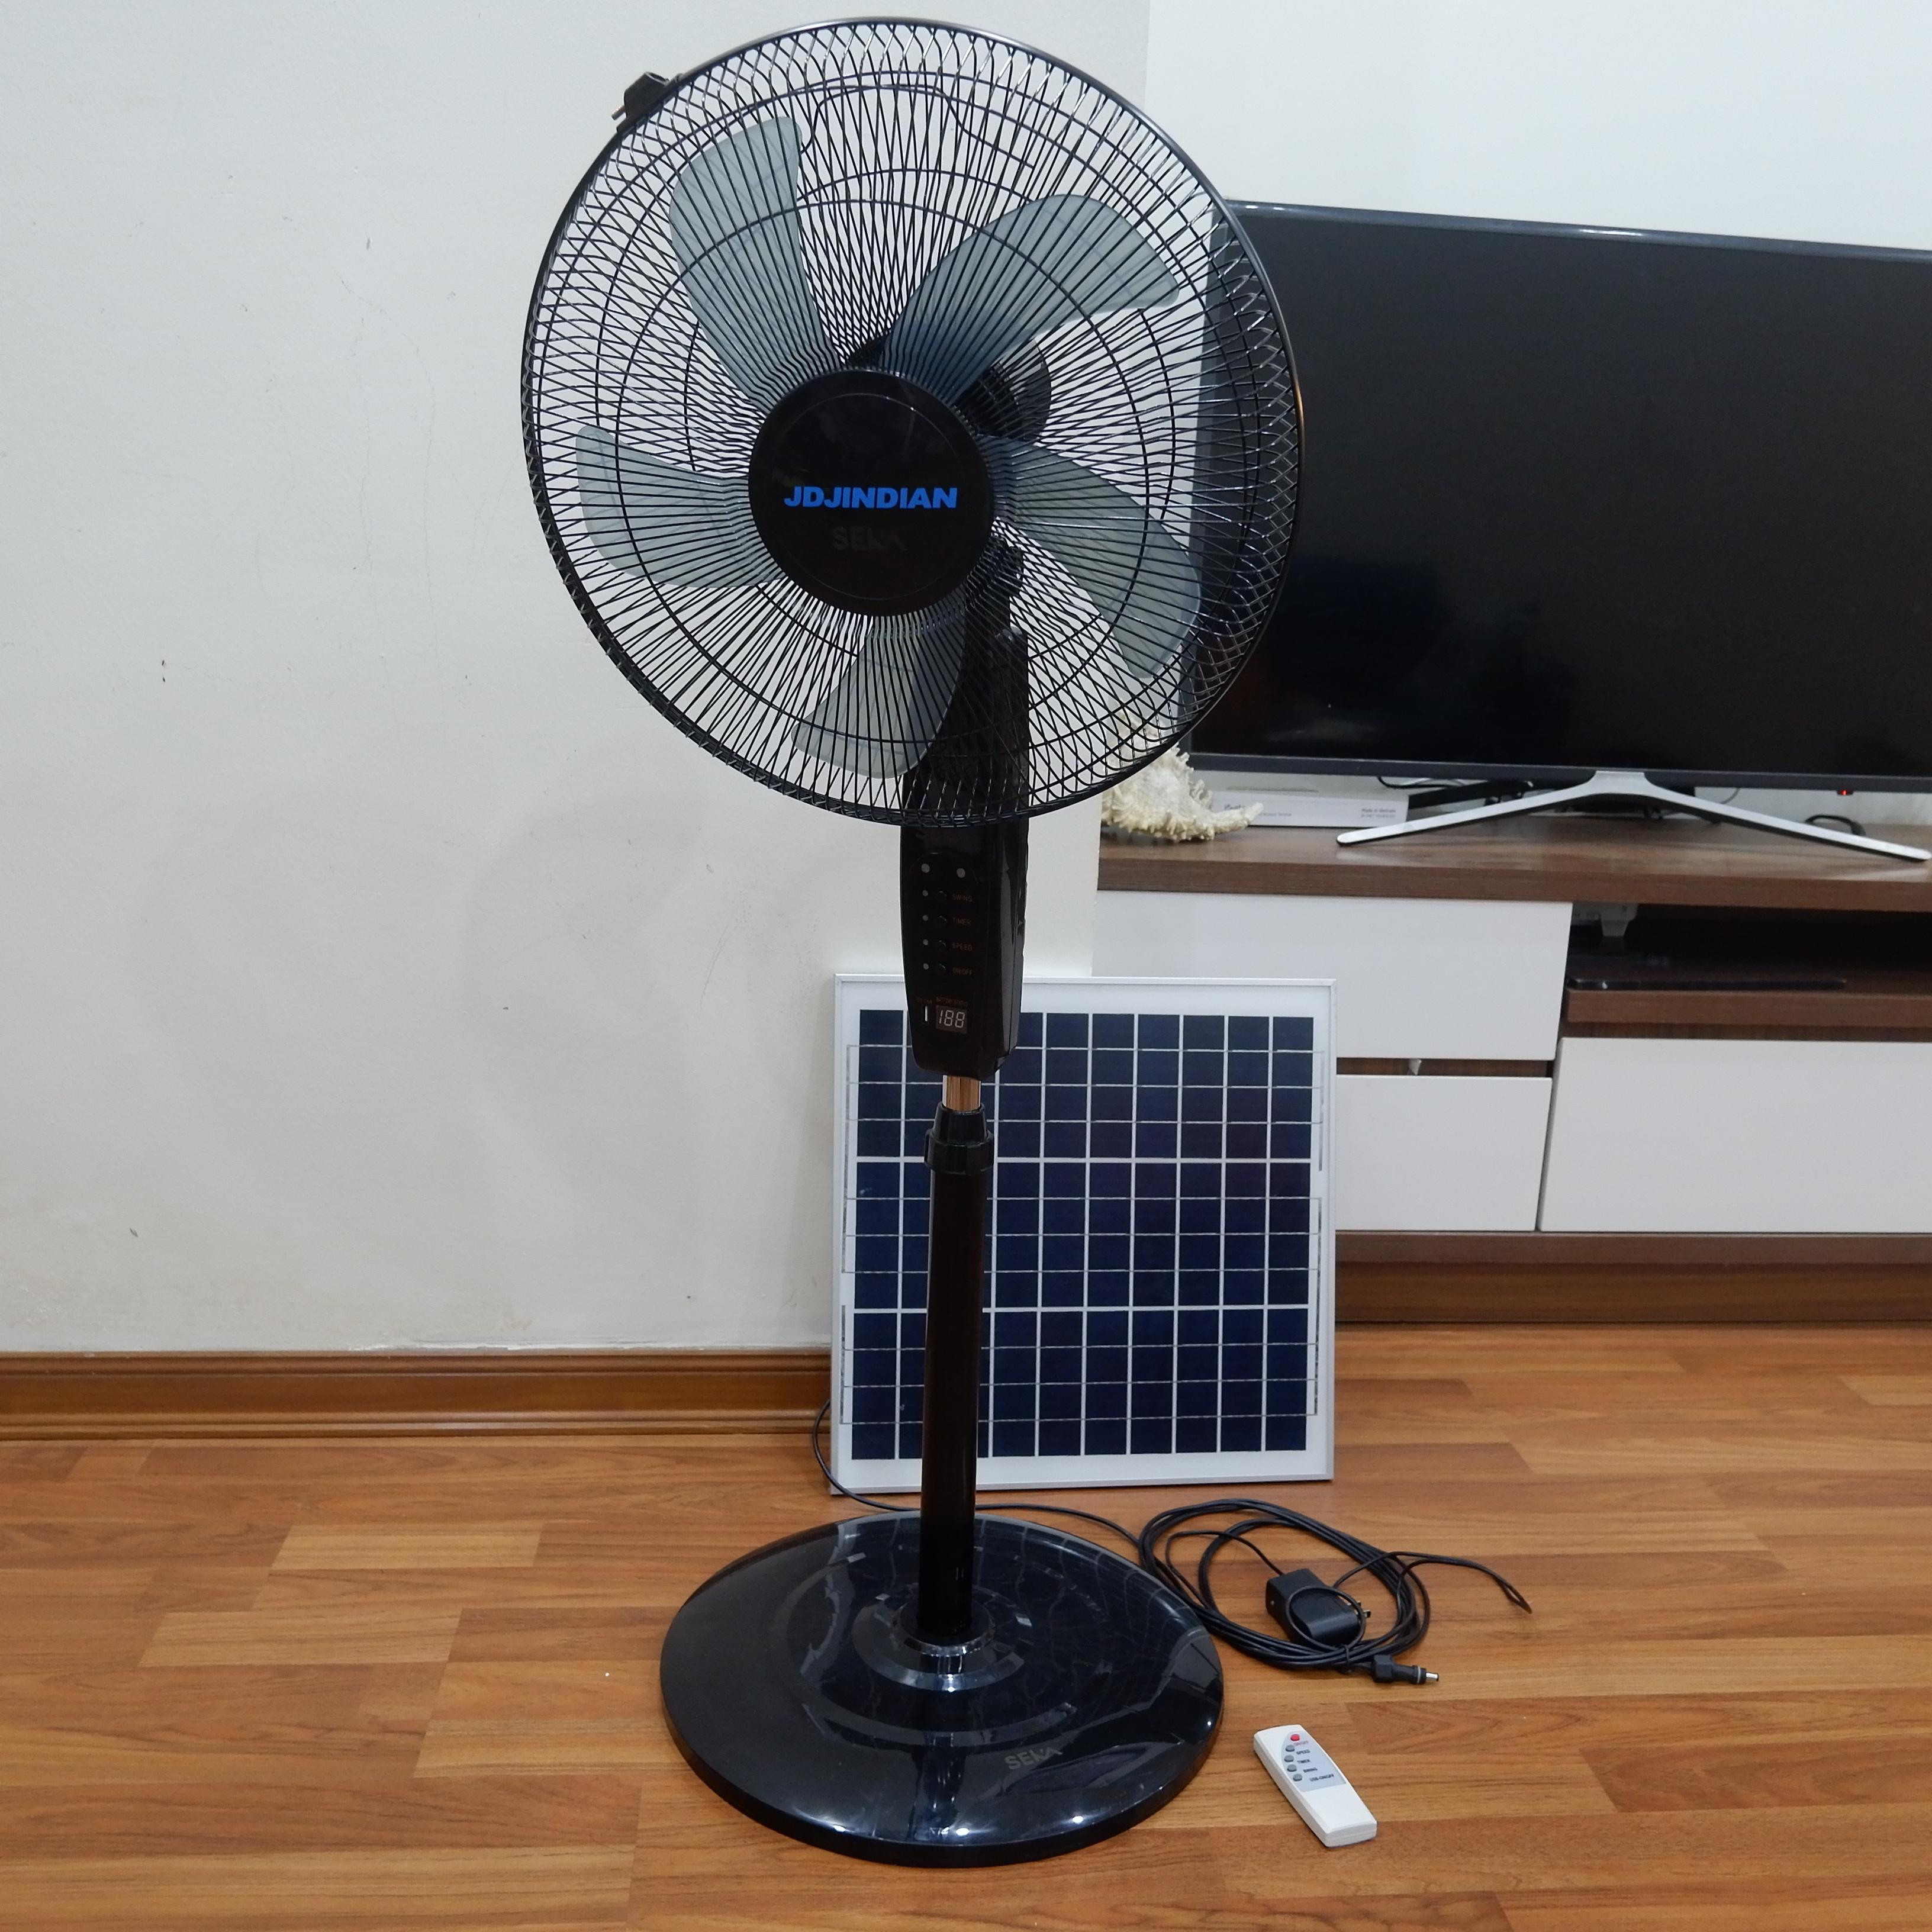 Quạt Năng Lượng Mặt Trời JD-S68 - giải pháp tiết kiệm năng lượng điện và bảo vệ môi trường sống